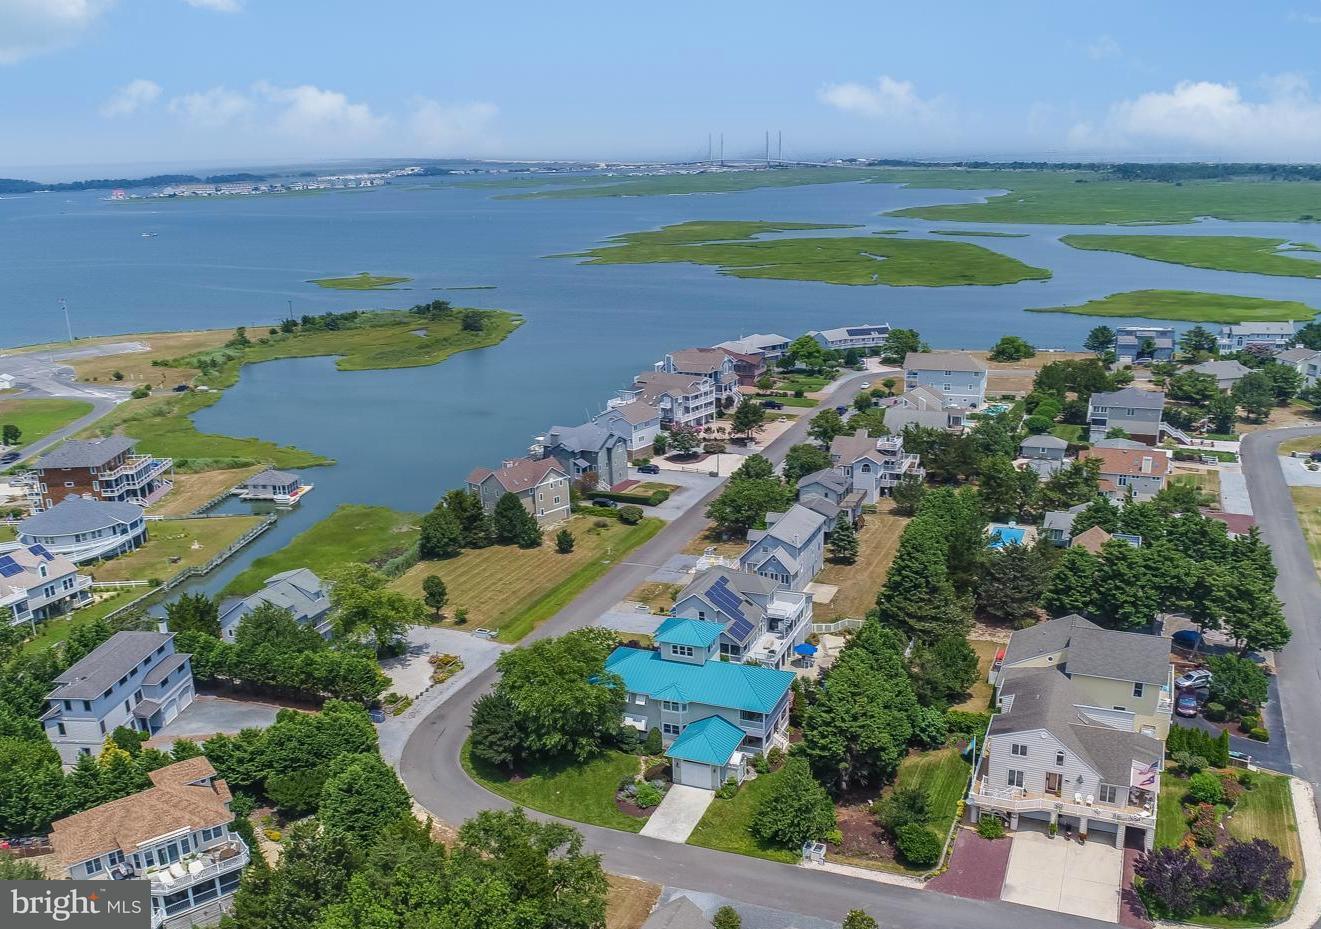 1001996254-300459963678 Real Estate Listings - Ocean Atlantic